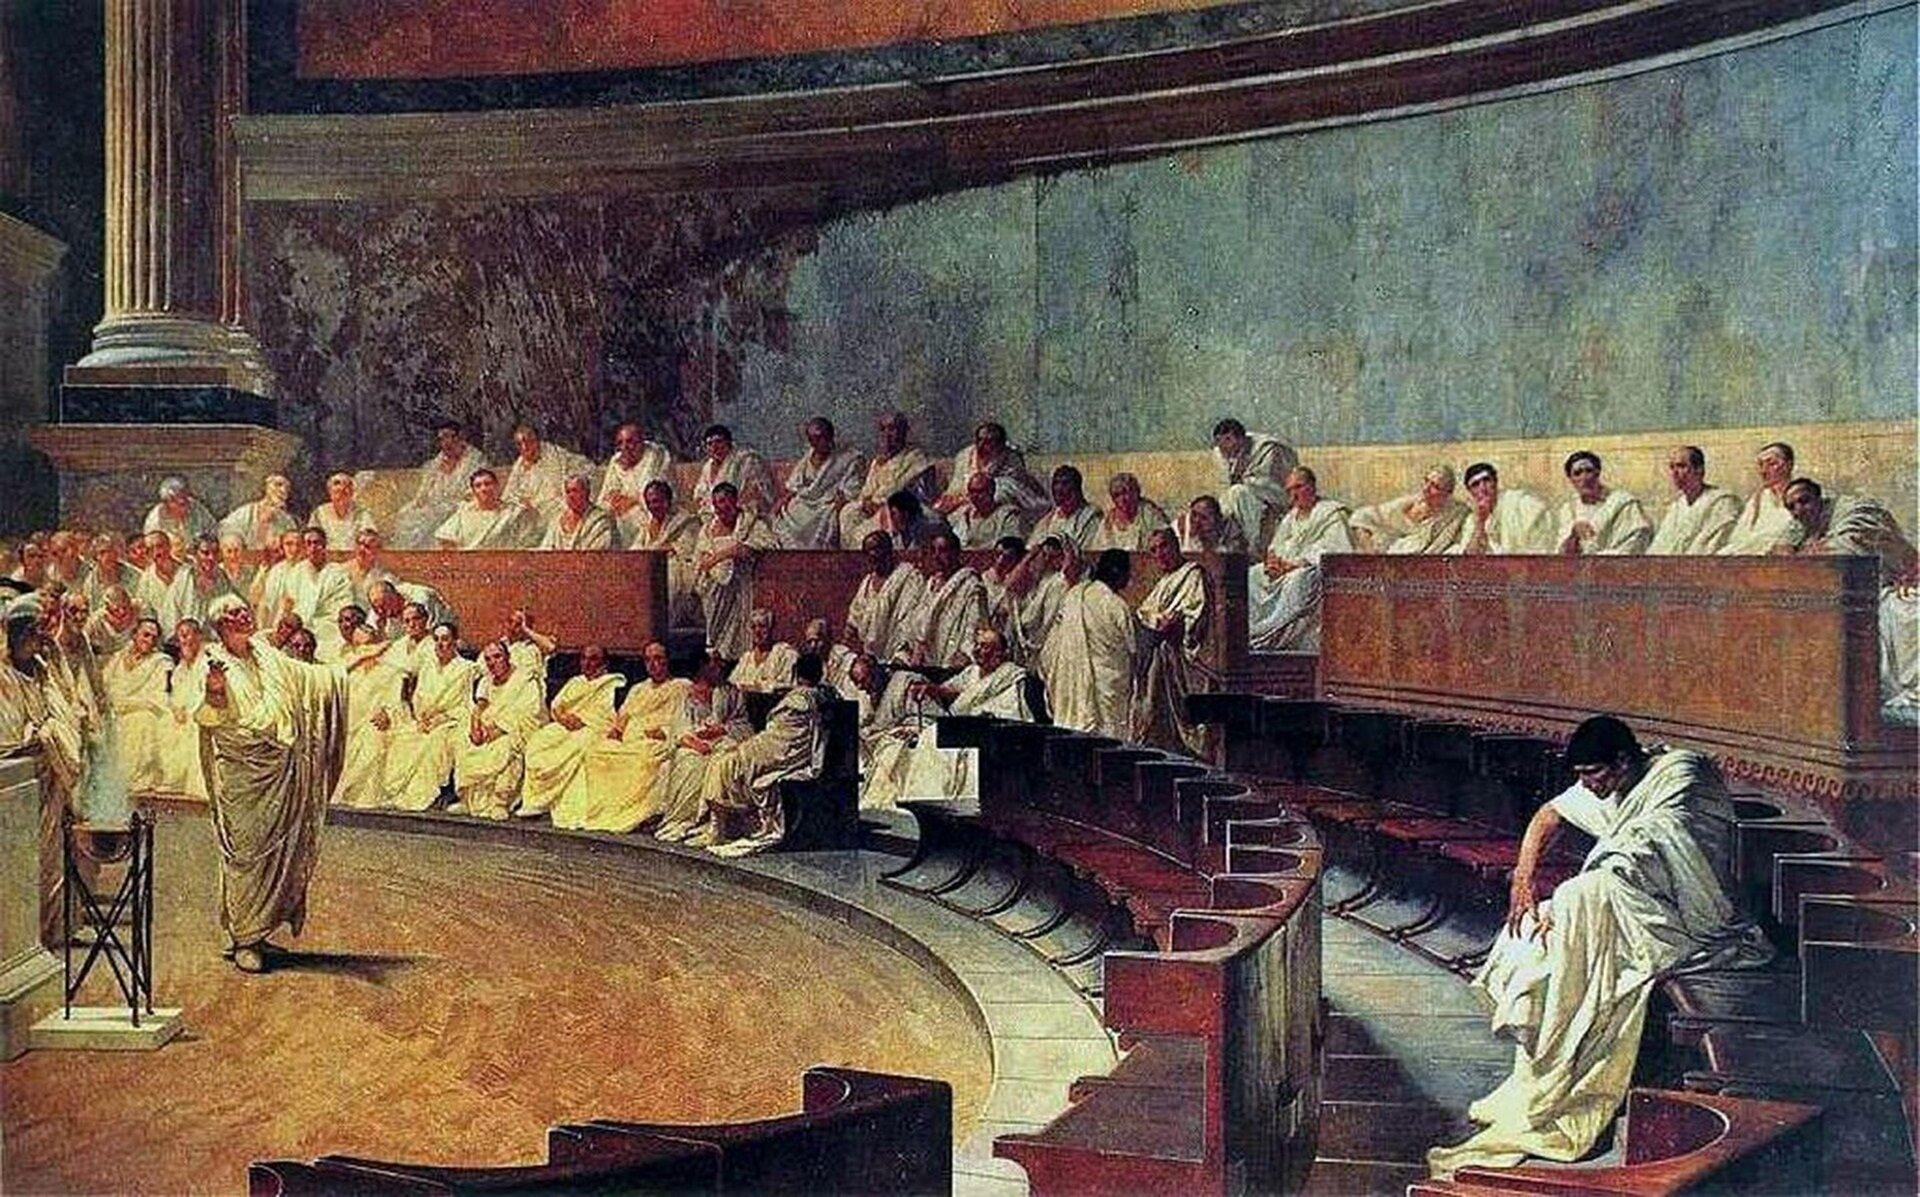 """Kolorowa ilustracja przedstawia dzieło Cesare Maccari'ego pt. """"Cyceron oskarża Katylinę"""". Na obrazie przedstawione jest pomieszczenie sądu. Po prawej stronie, wławach zasiadają senatorowie odziani wbiałe togi. Po lewej, przed słuchaczami stoi Cyceron zrękami wzniesionym wgórę. Ma krótkie siwe włosy, jest ubrany wdługą togę. Wtle, pod ścianą, stoi na postumencie marmurowa kolumna."""